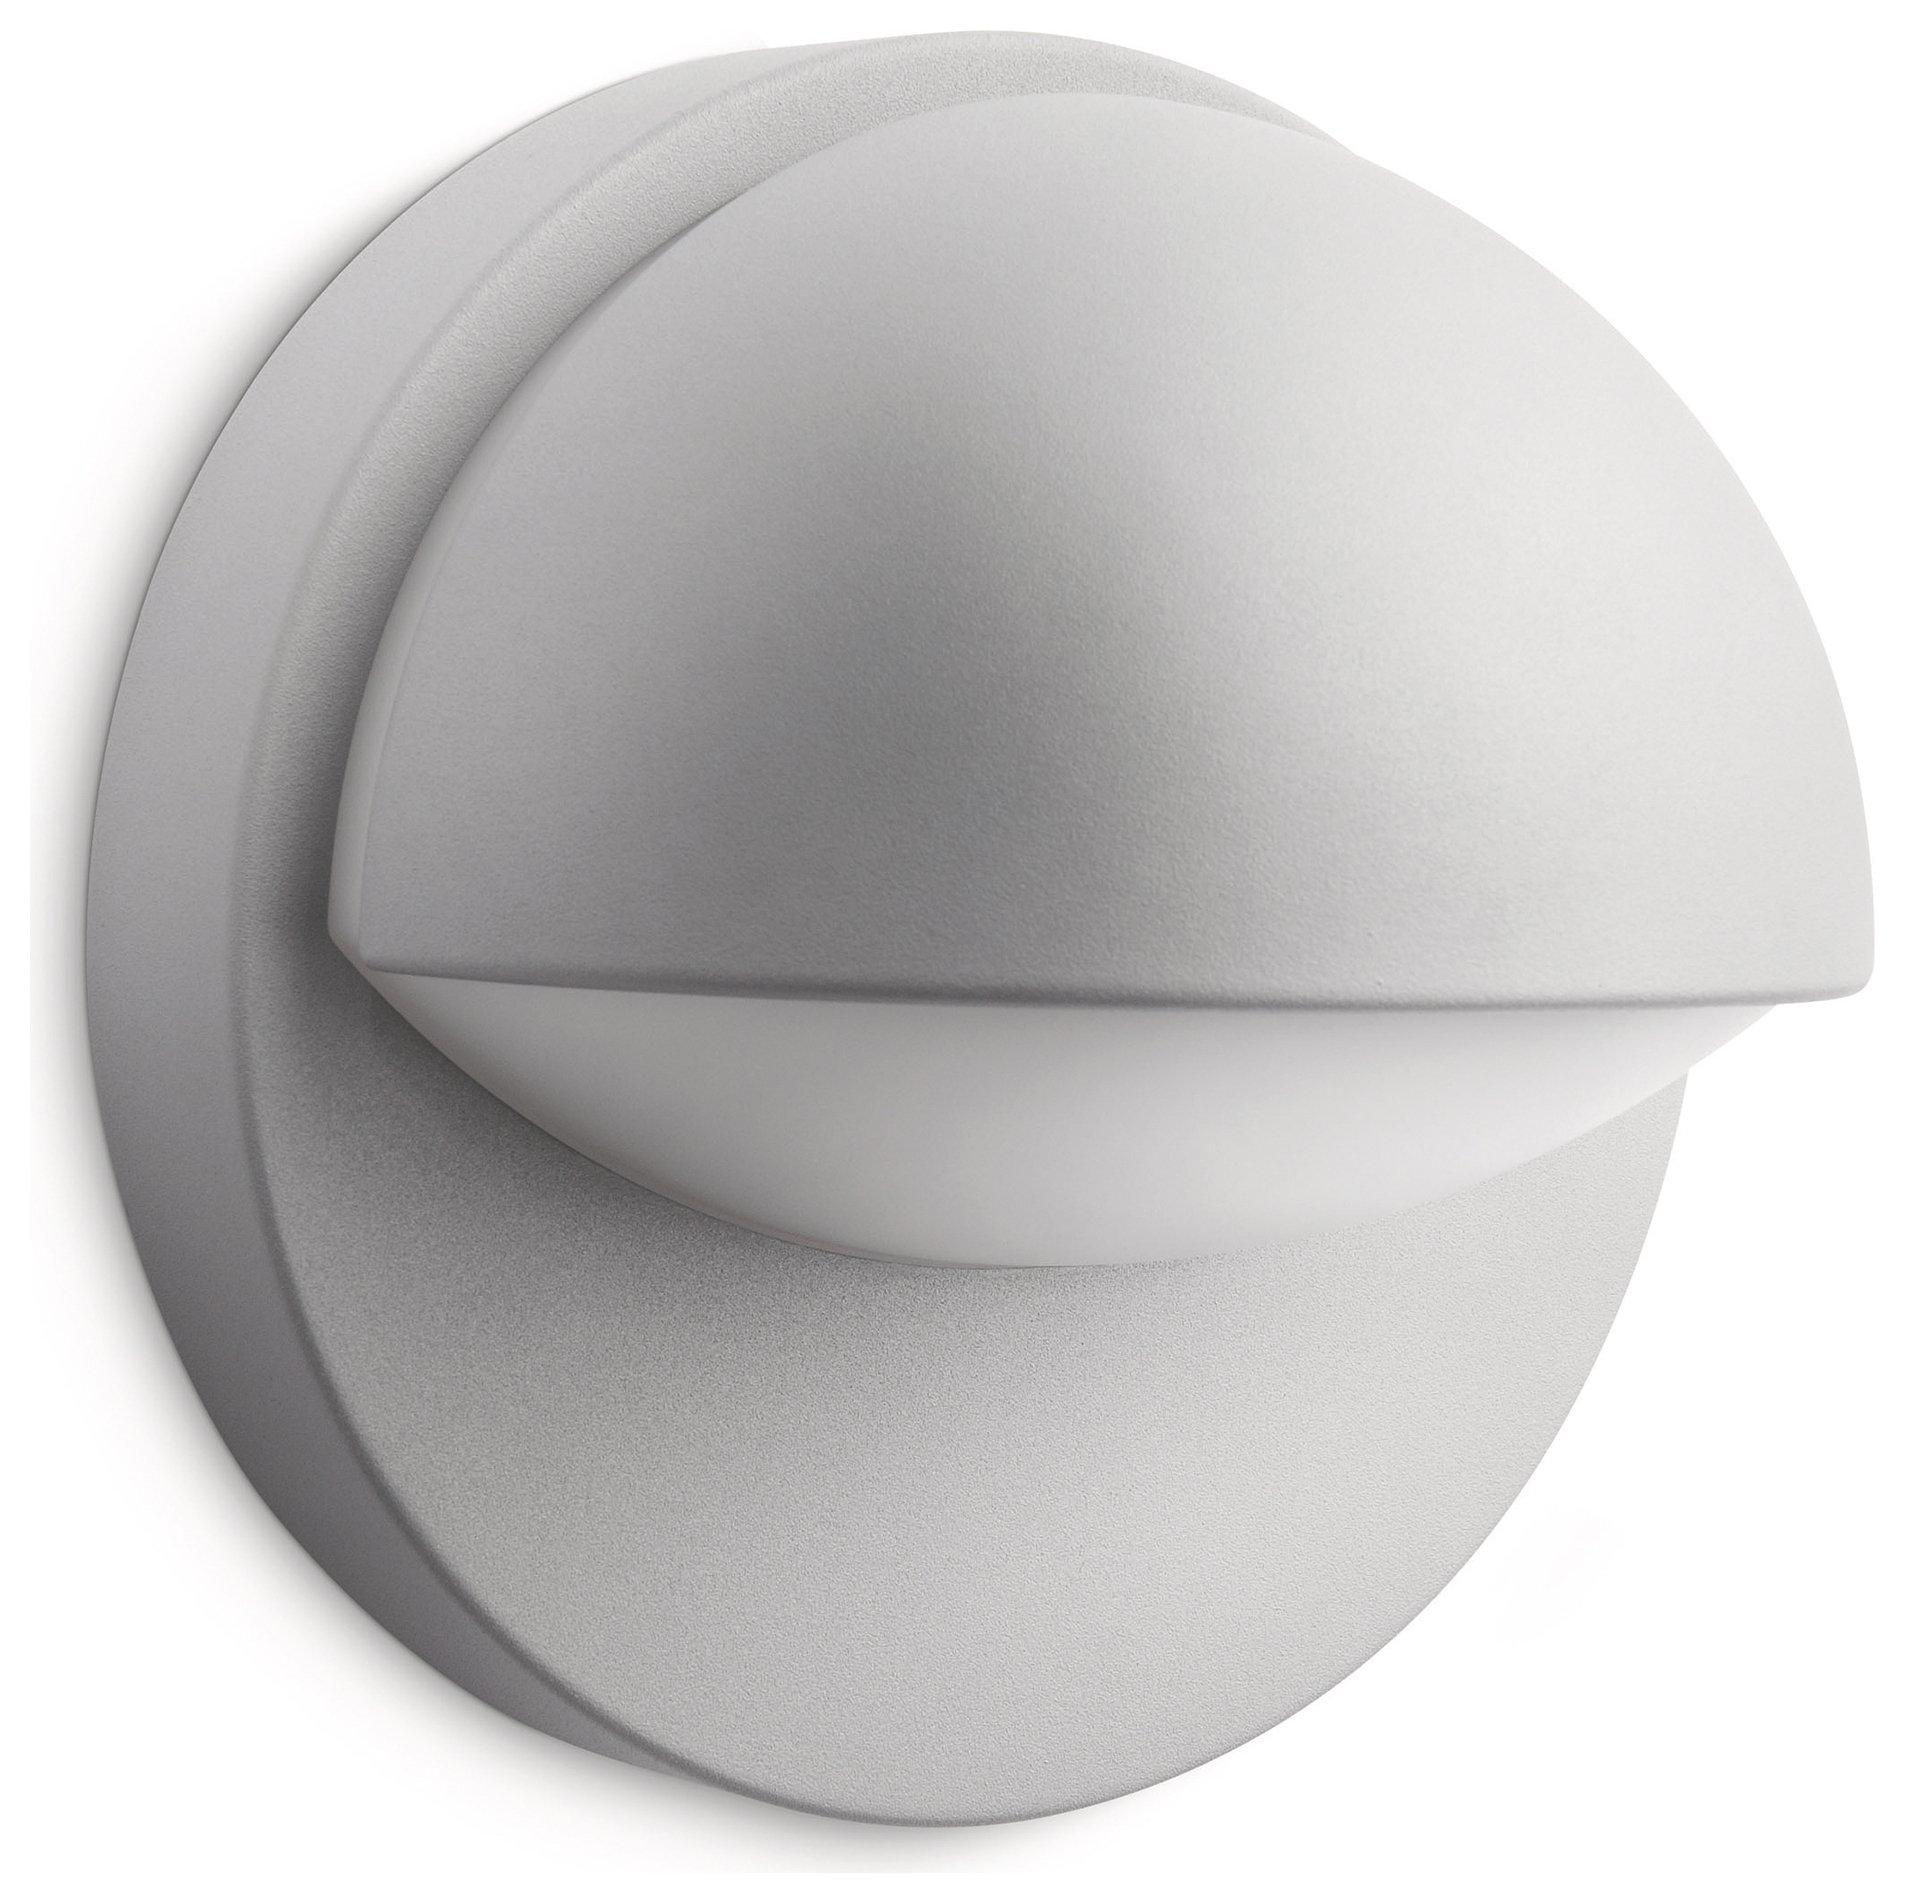 Image of Philips - myGarden - June Energy Saving - Wall Light - Grey